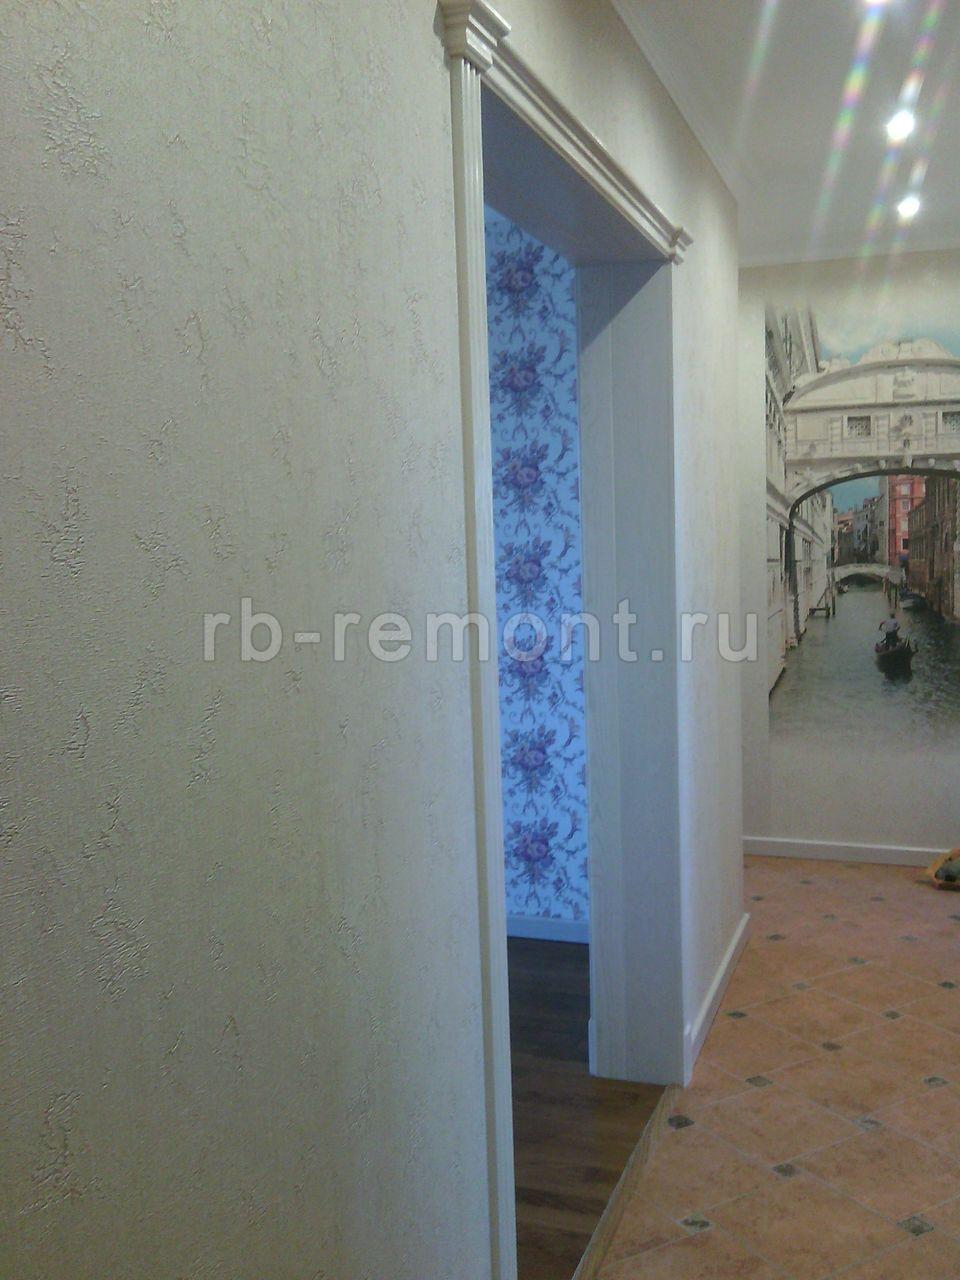 https://www.rb-remont.ru/raboty/photo_/komsomolskaya-125.1-00/img/img_20150709_121443.jpg (бол.)